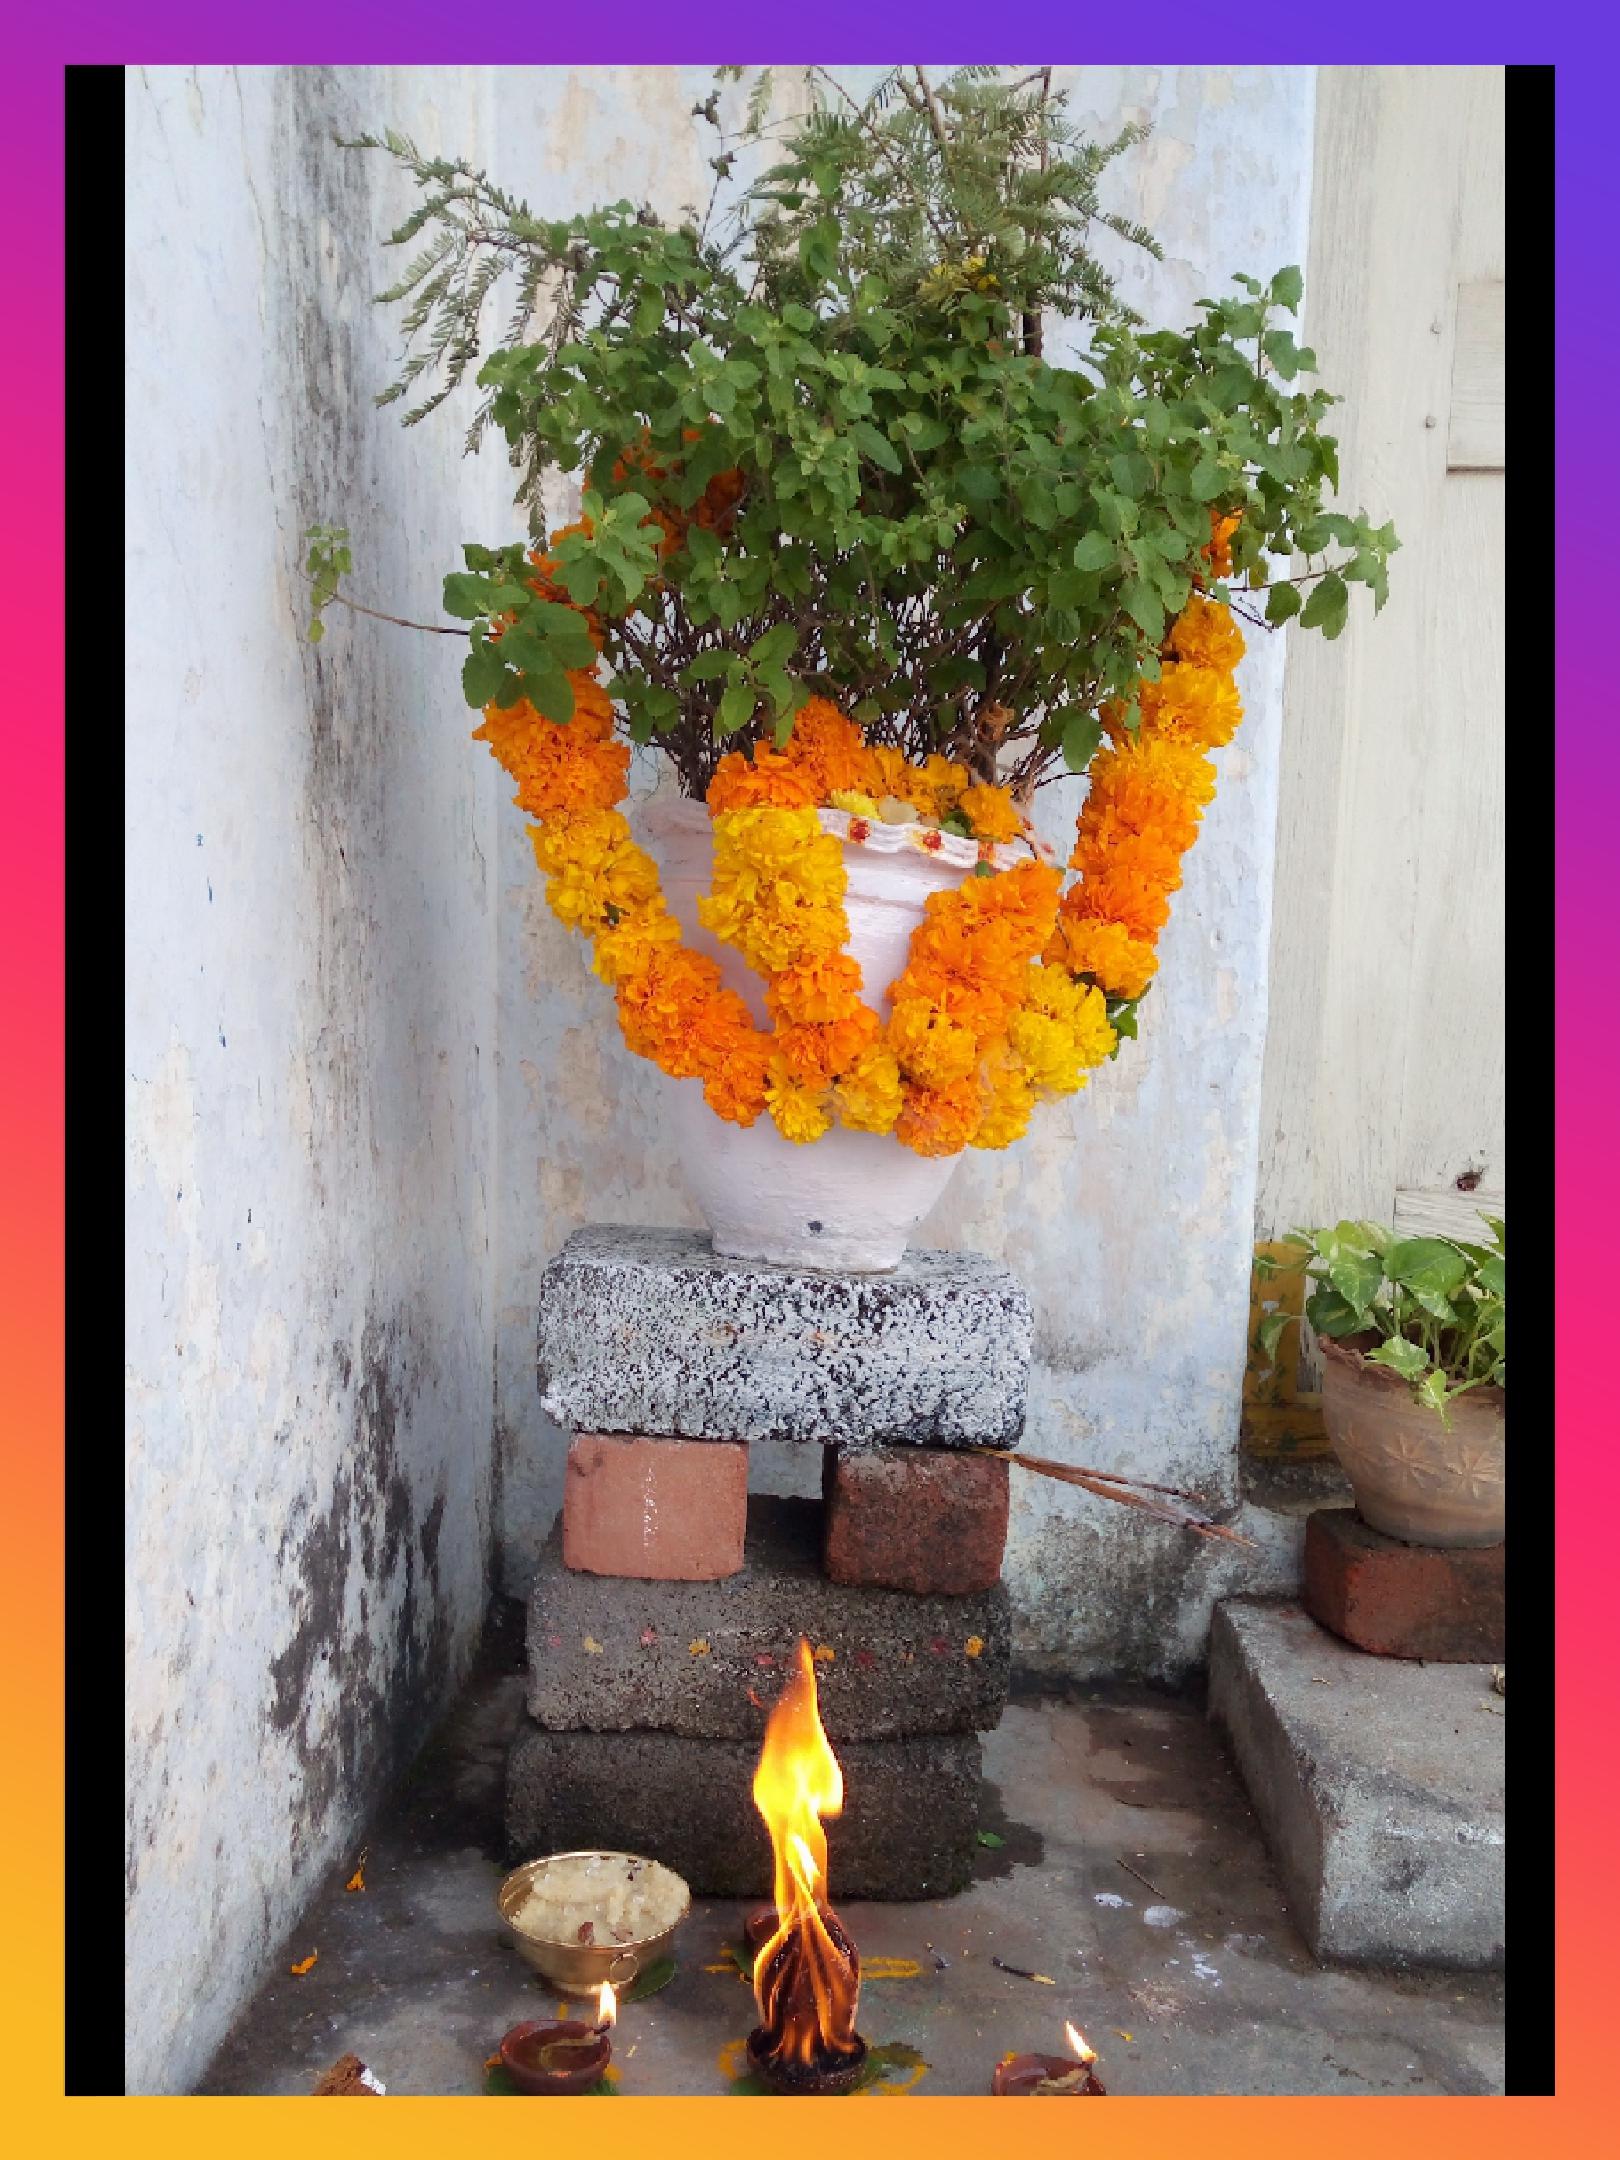 కార్తీక మాసం - ShareChat